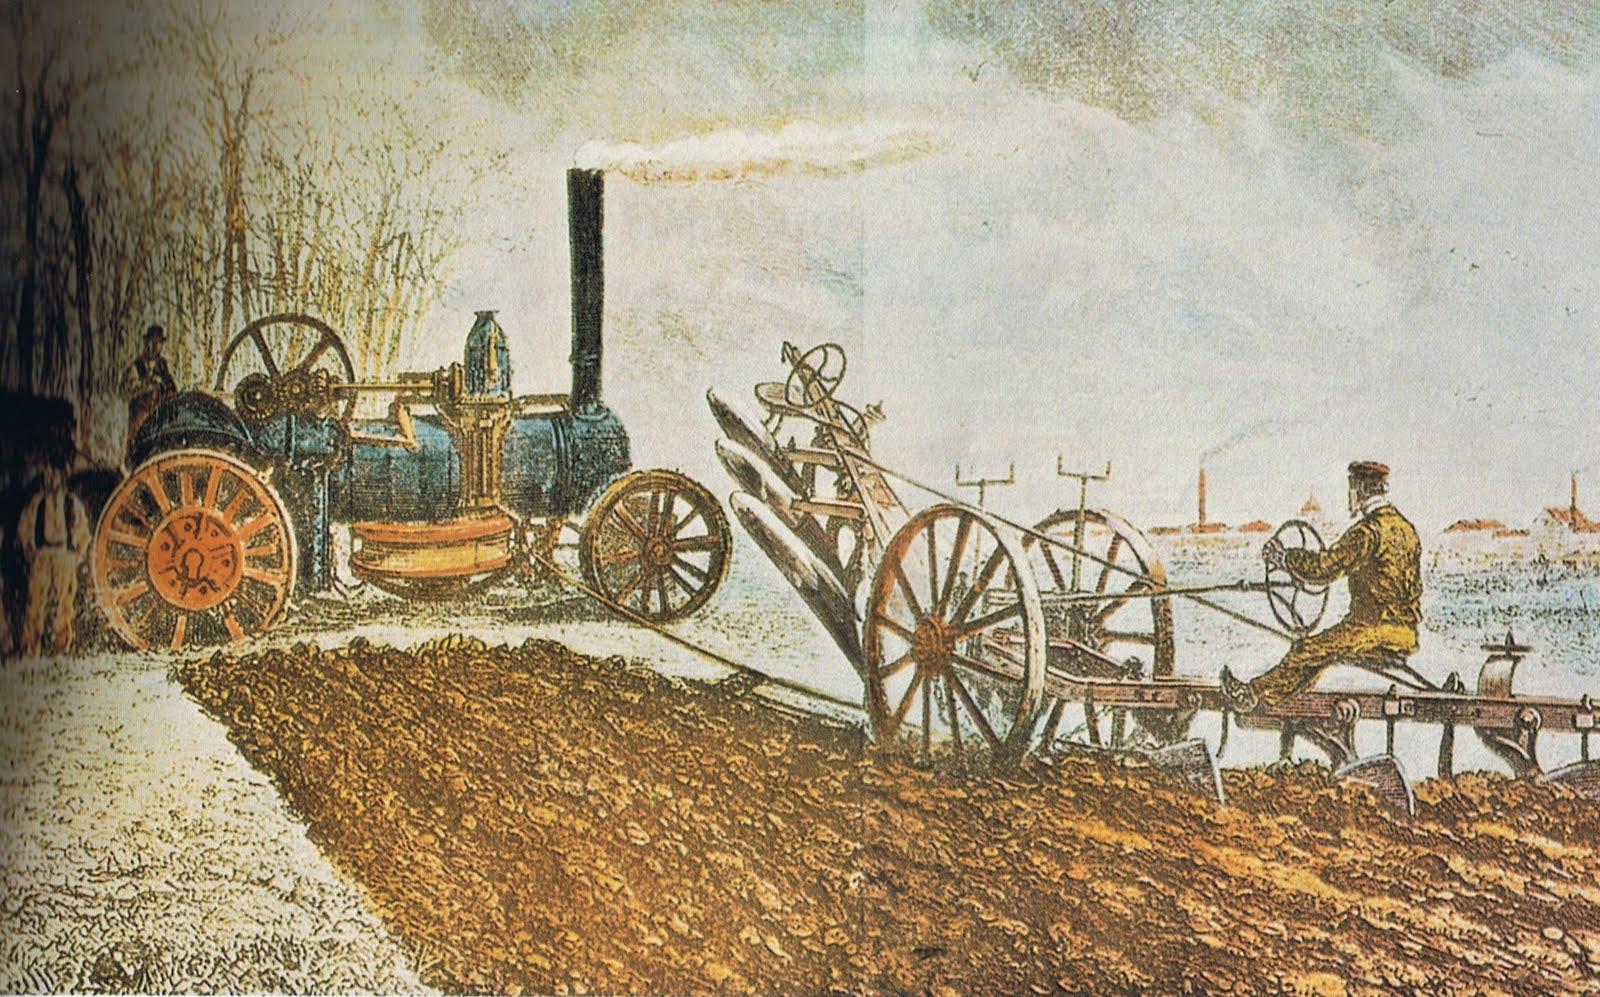 origen de la maquinaria agrícola